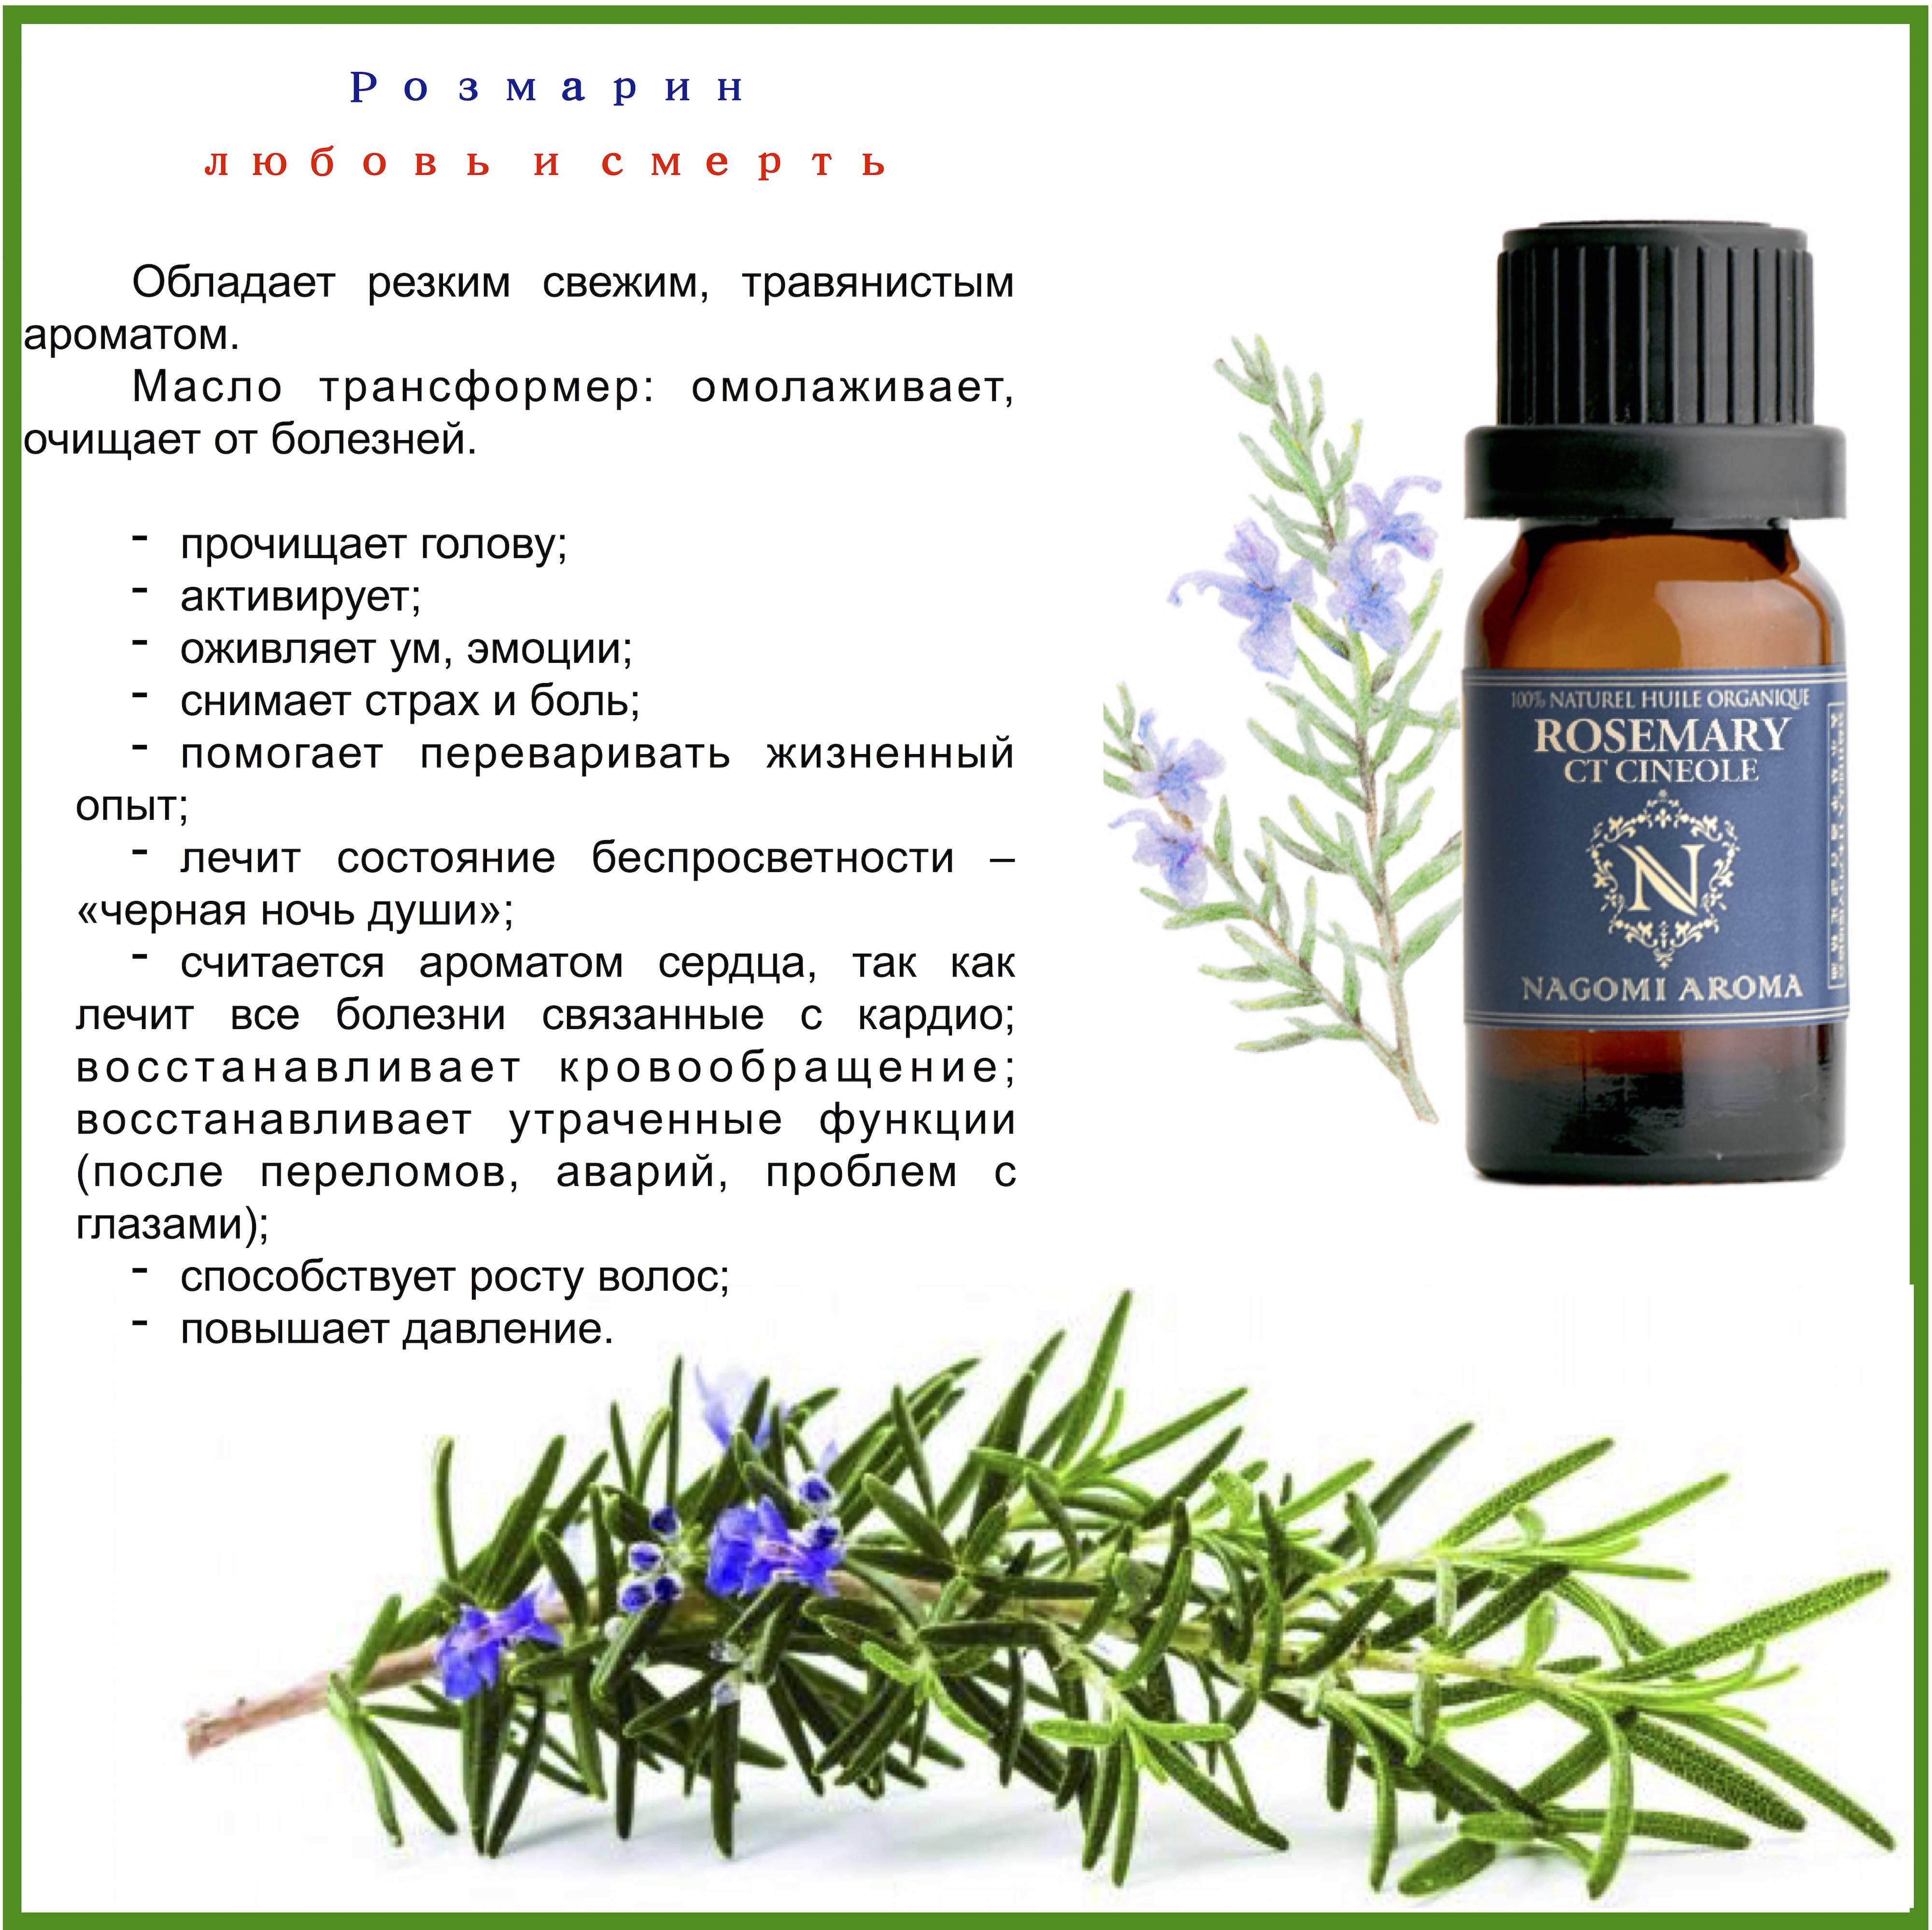 Рецепты применения эфирного масла розмарина для ухода за волосами